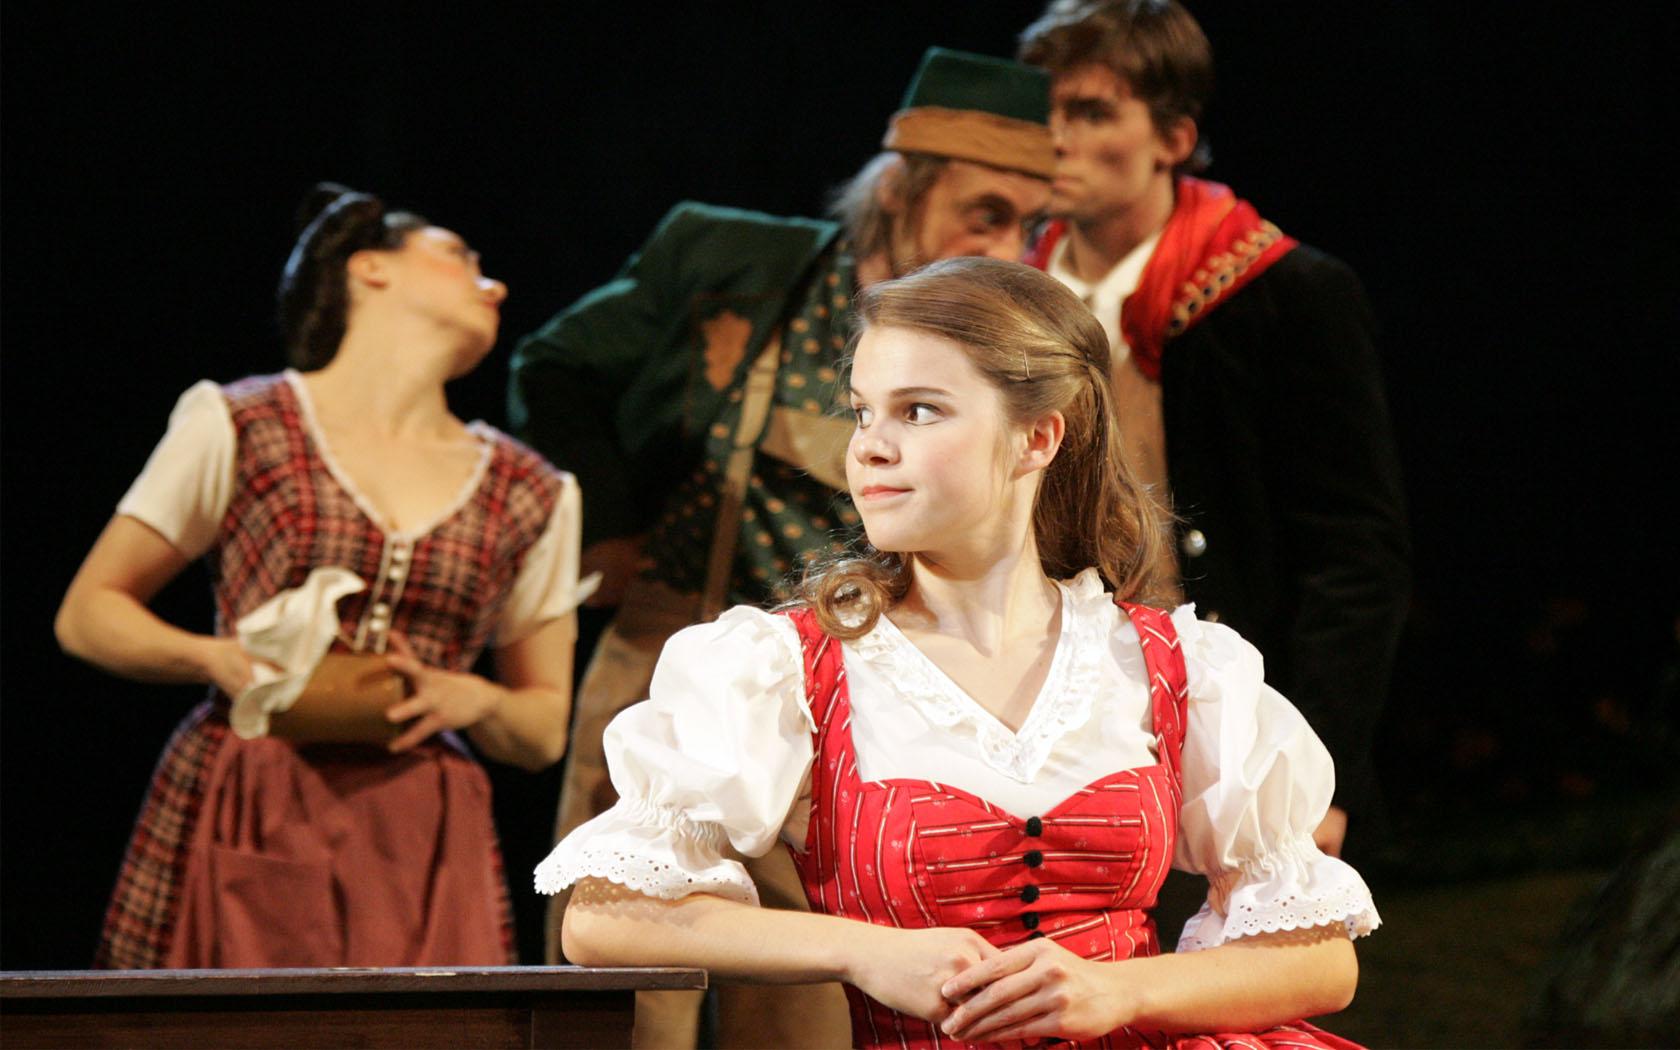 Franziska Krol als Lisbeth - Das kalte Herz